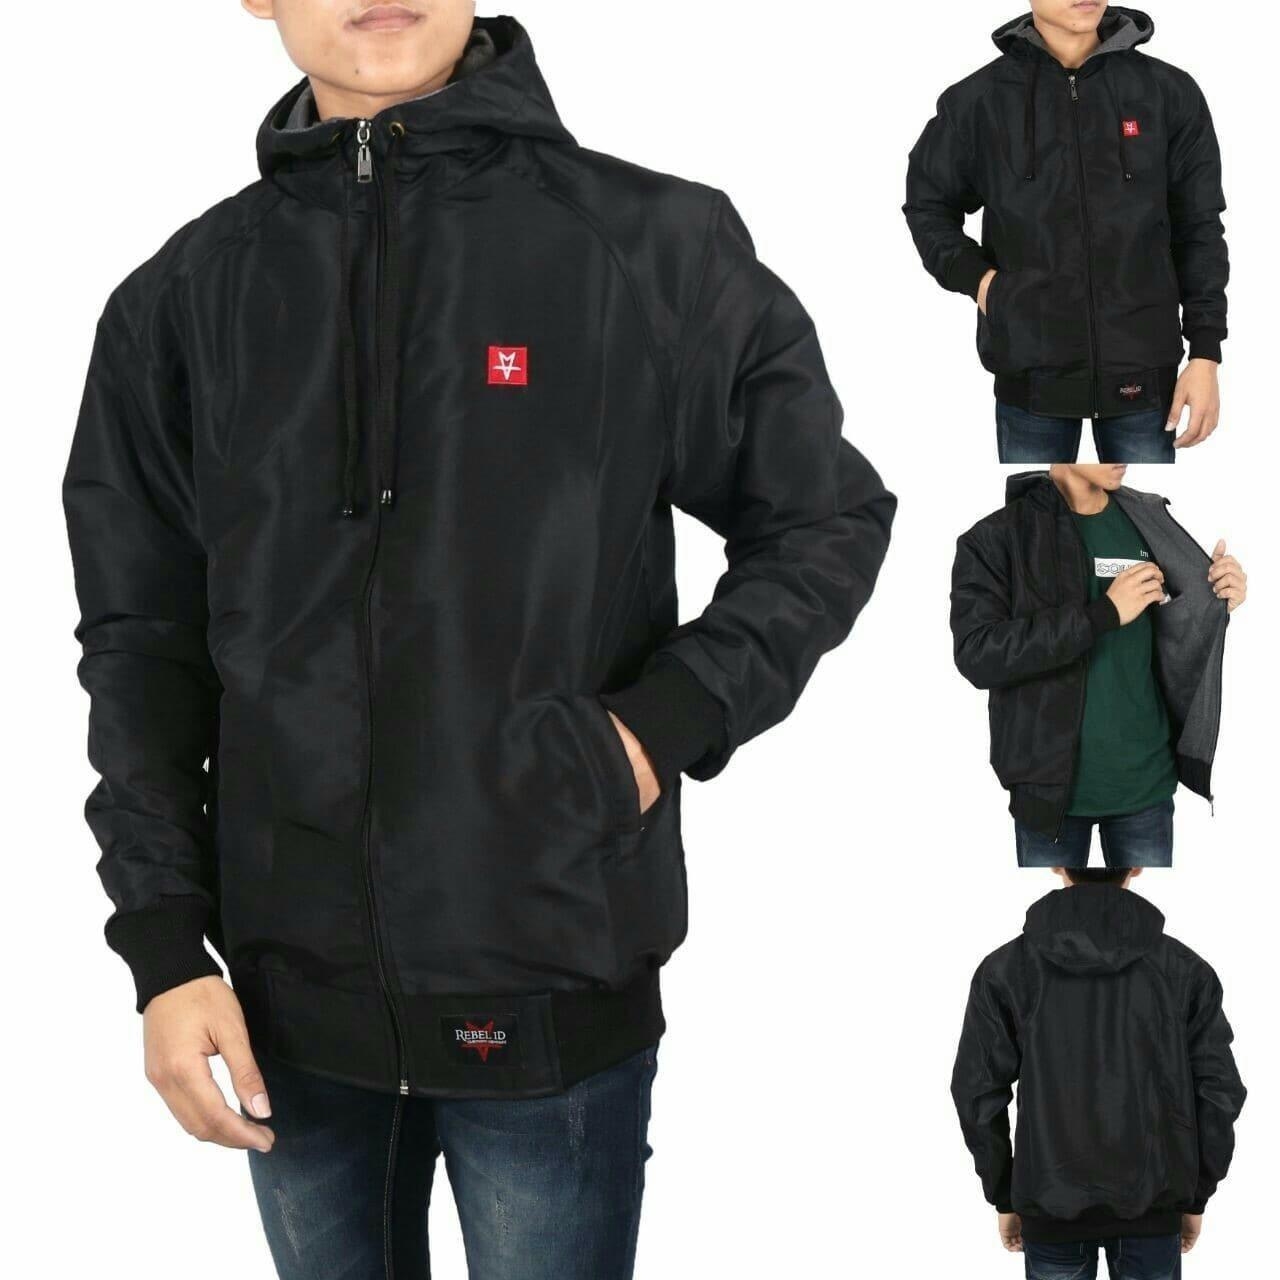 Jaket Taslan Waterproof New Edition Black - Oenzie Store